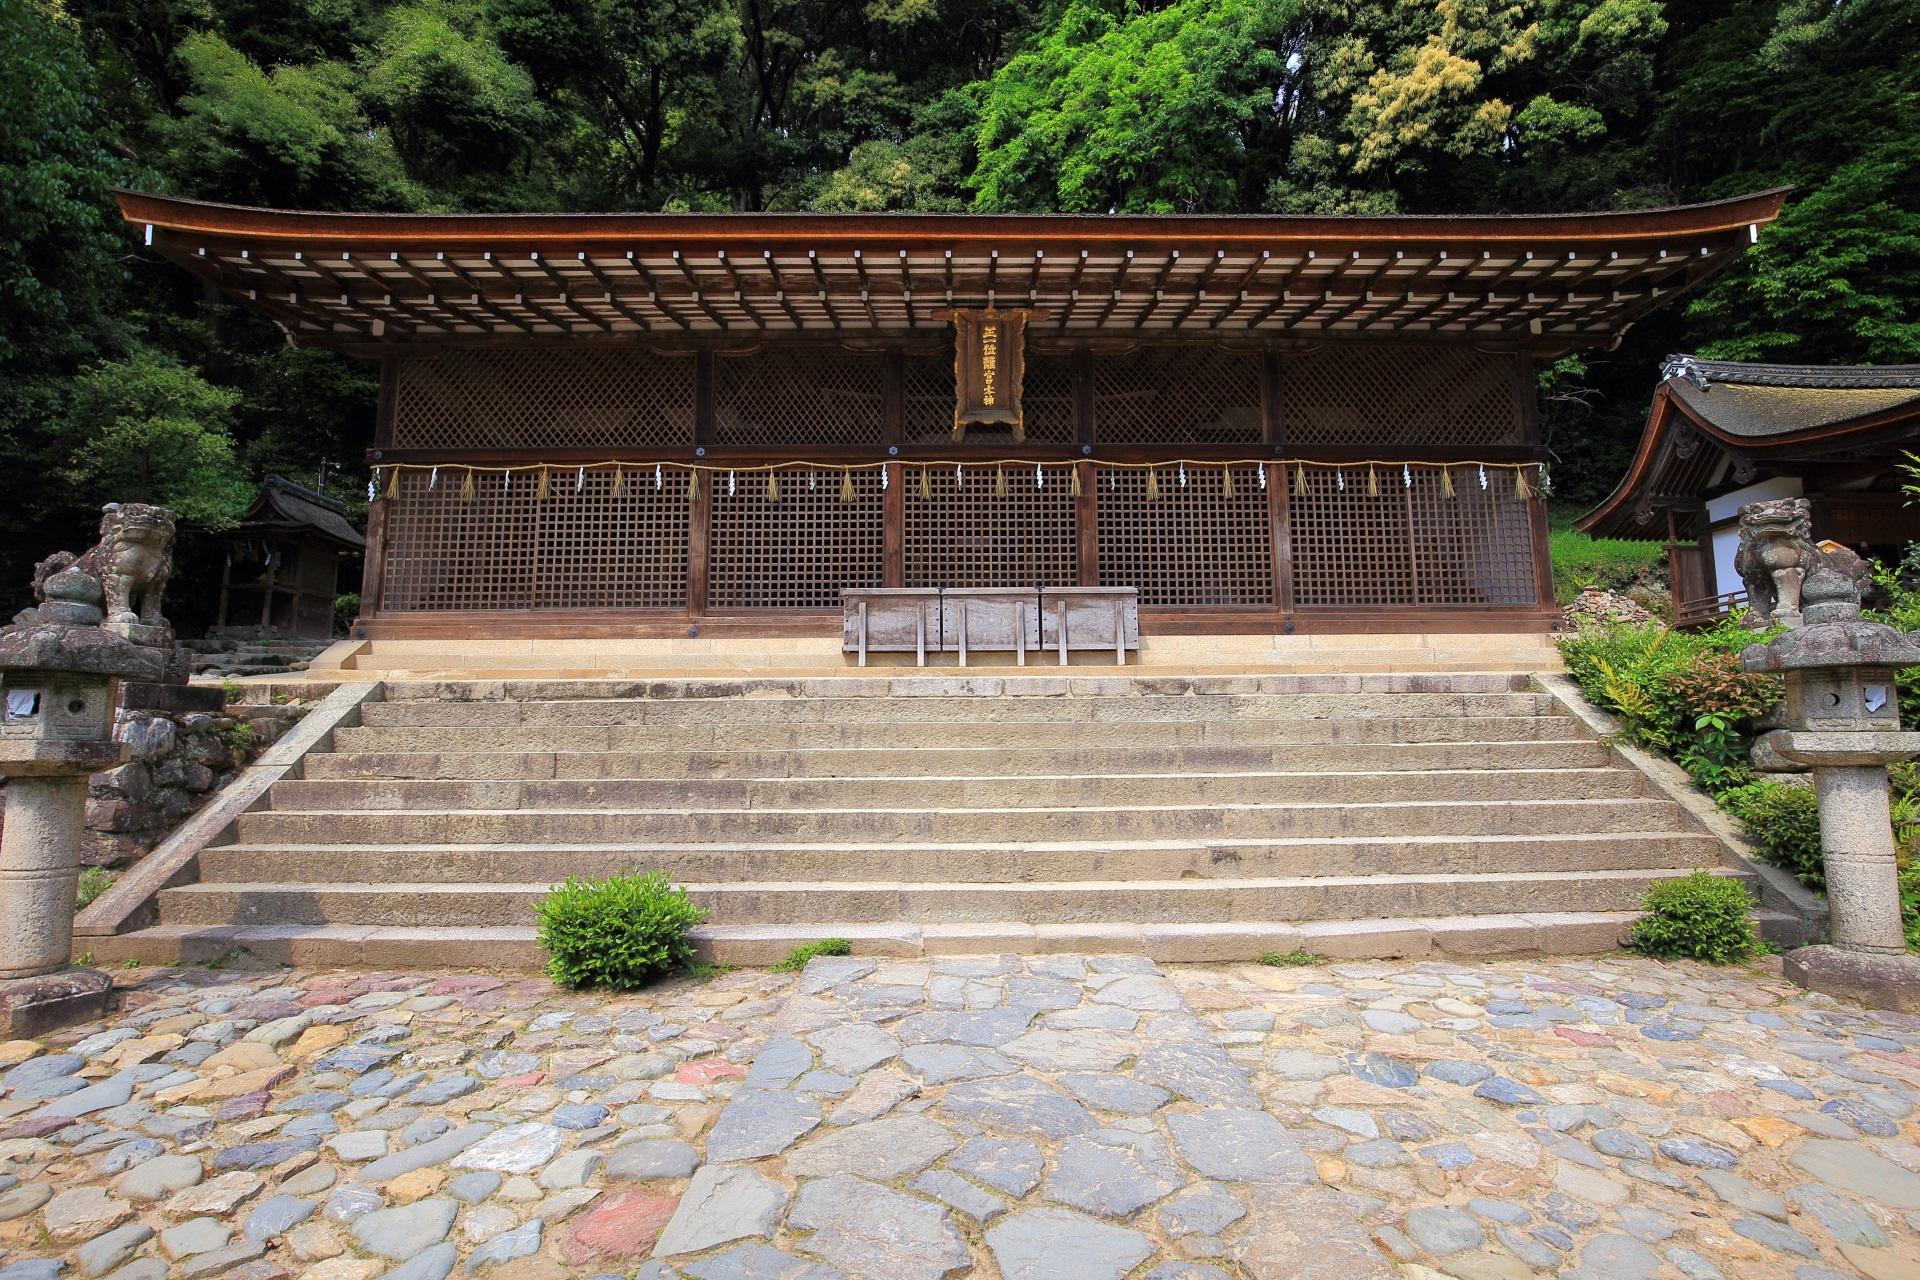 宇治上神社の現存最古の神社建築の本殿